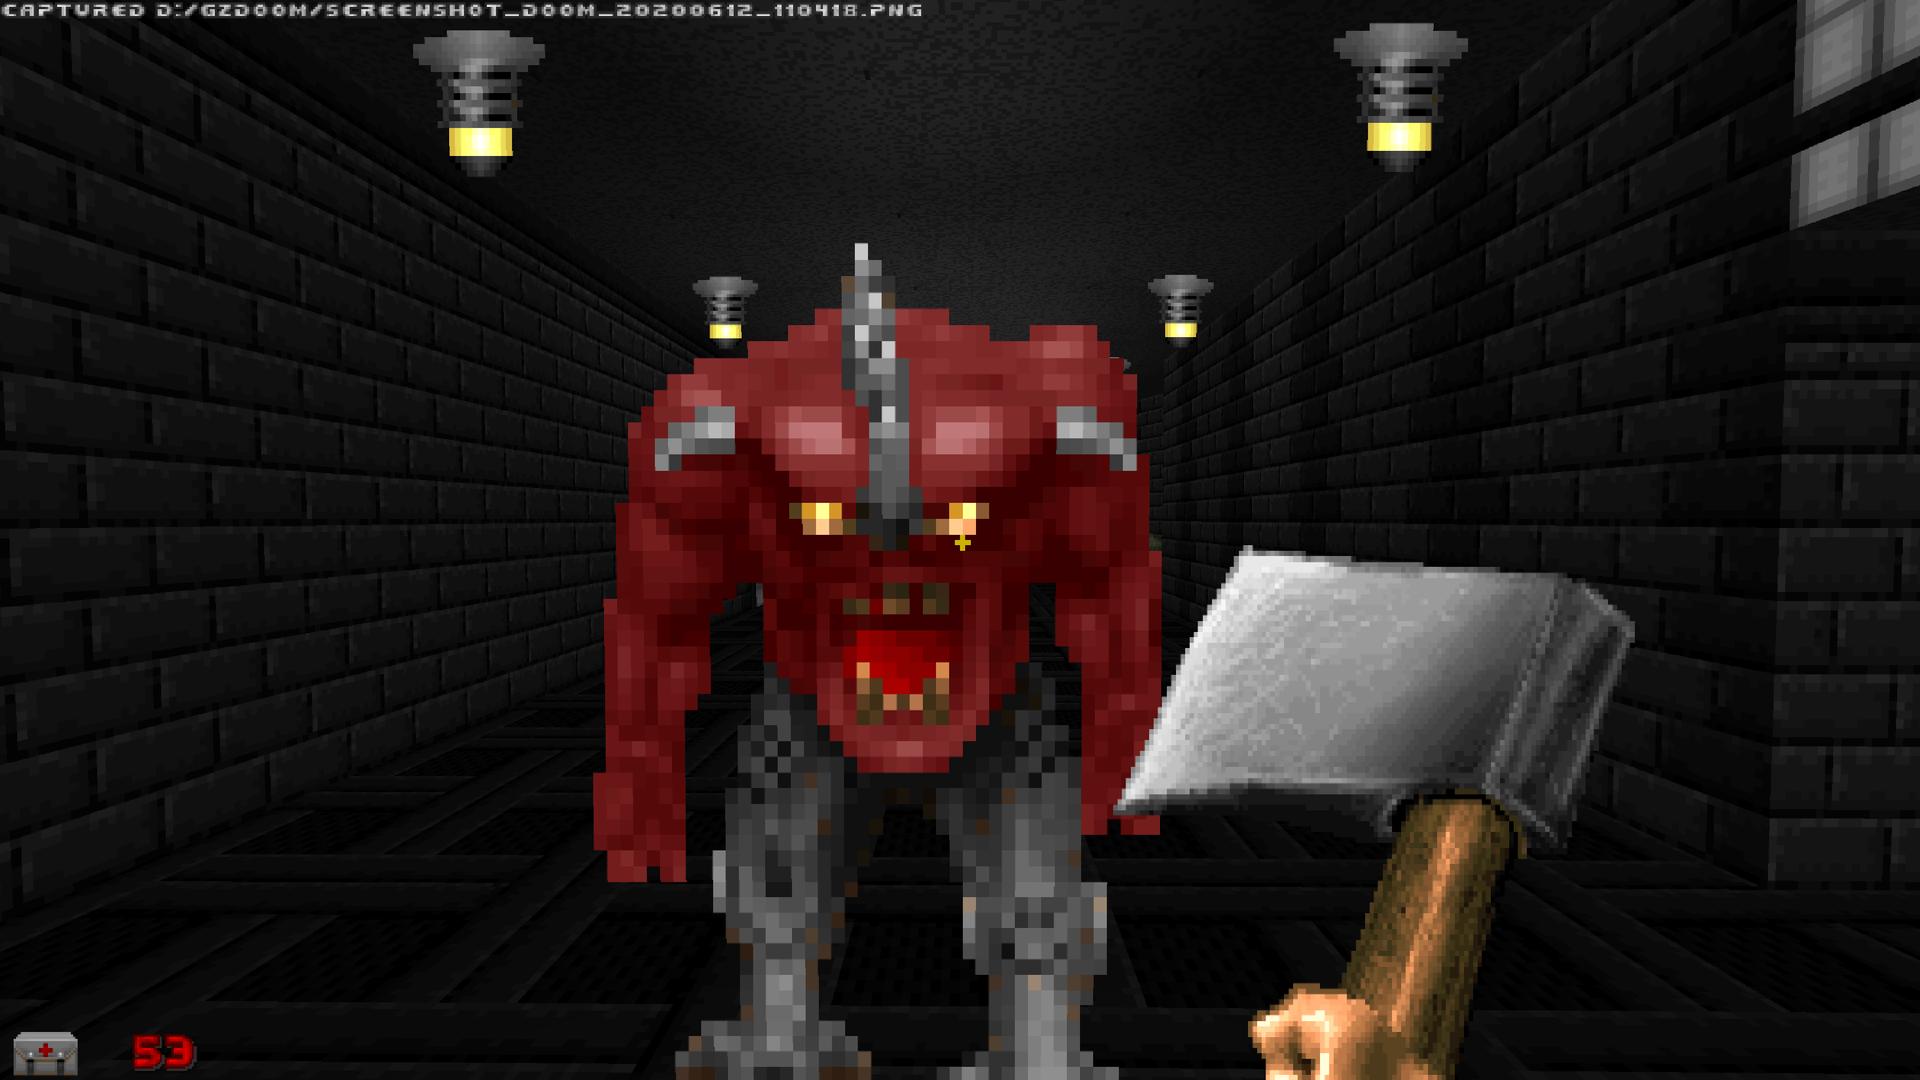 Screenshot_Doom_20200612_110420.png